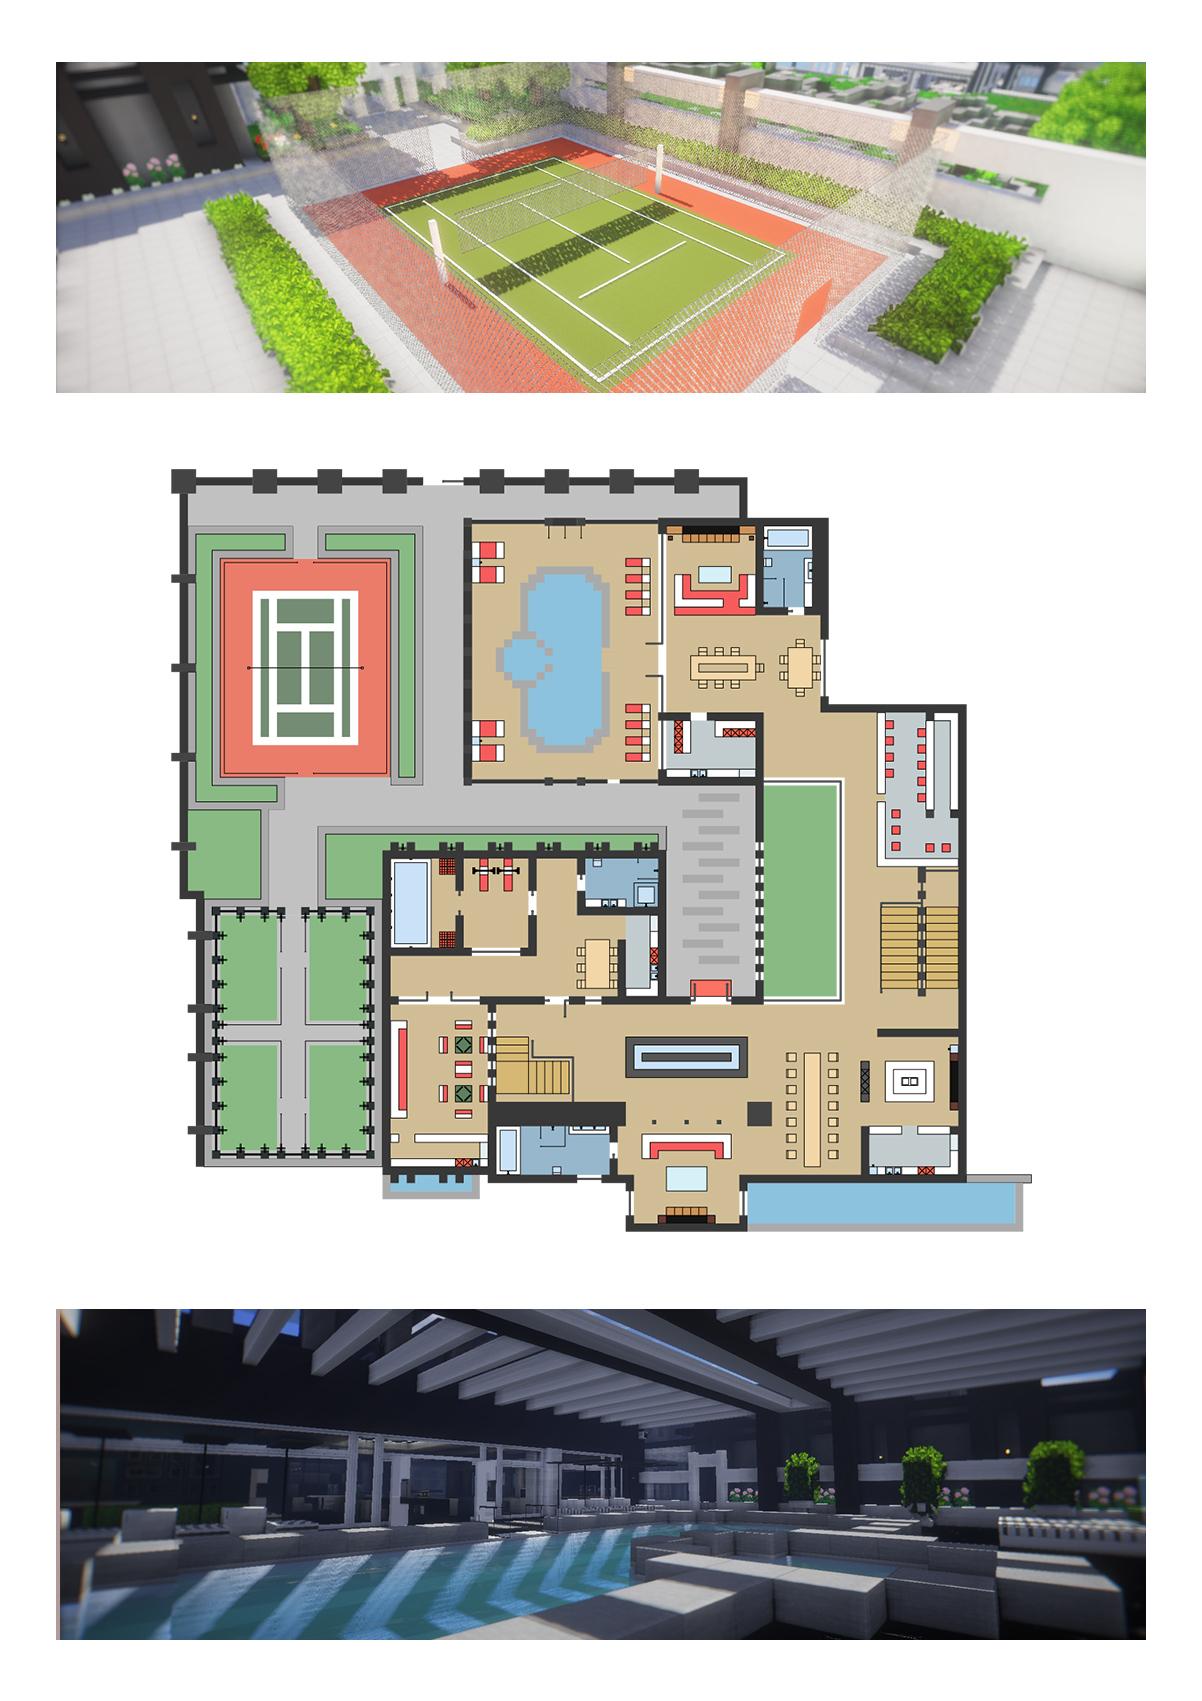 【我的别墅现代建筑群】海岛v别墅世界--源梦岛九里华润别墅图片